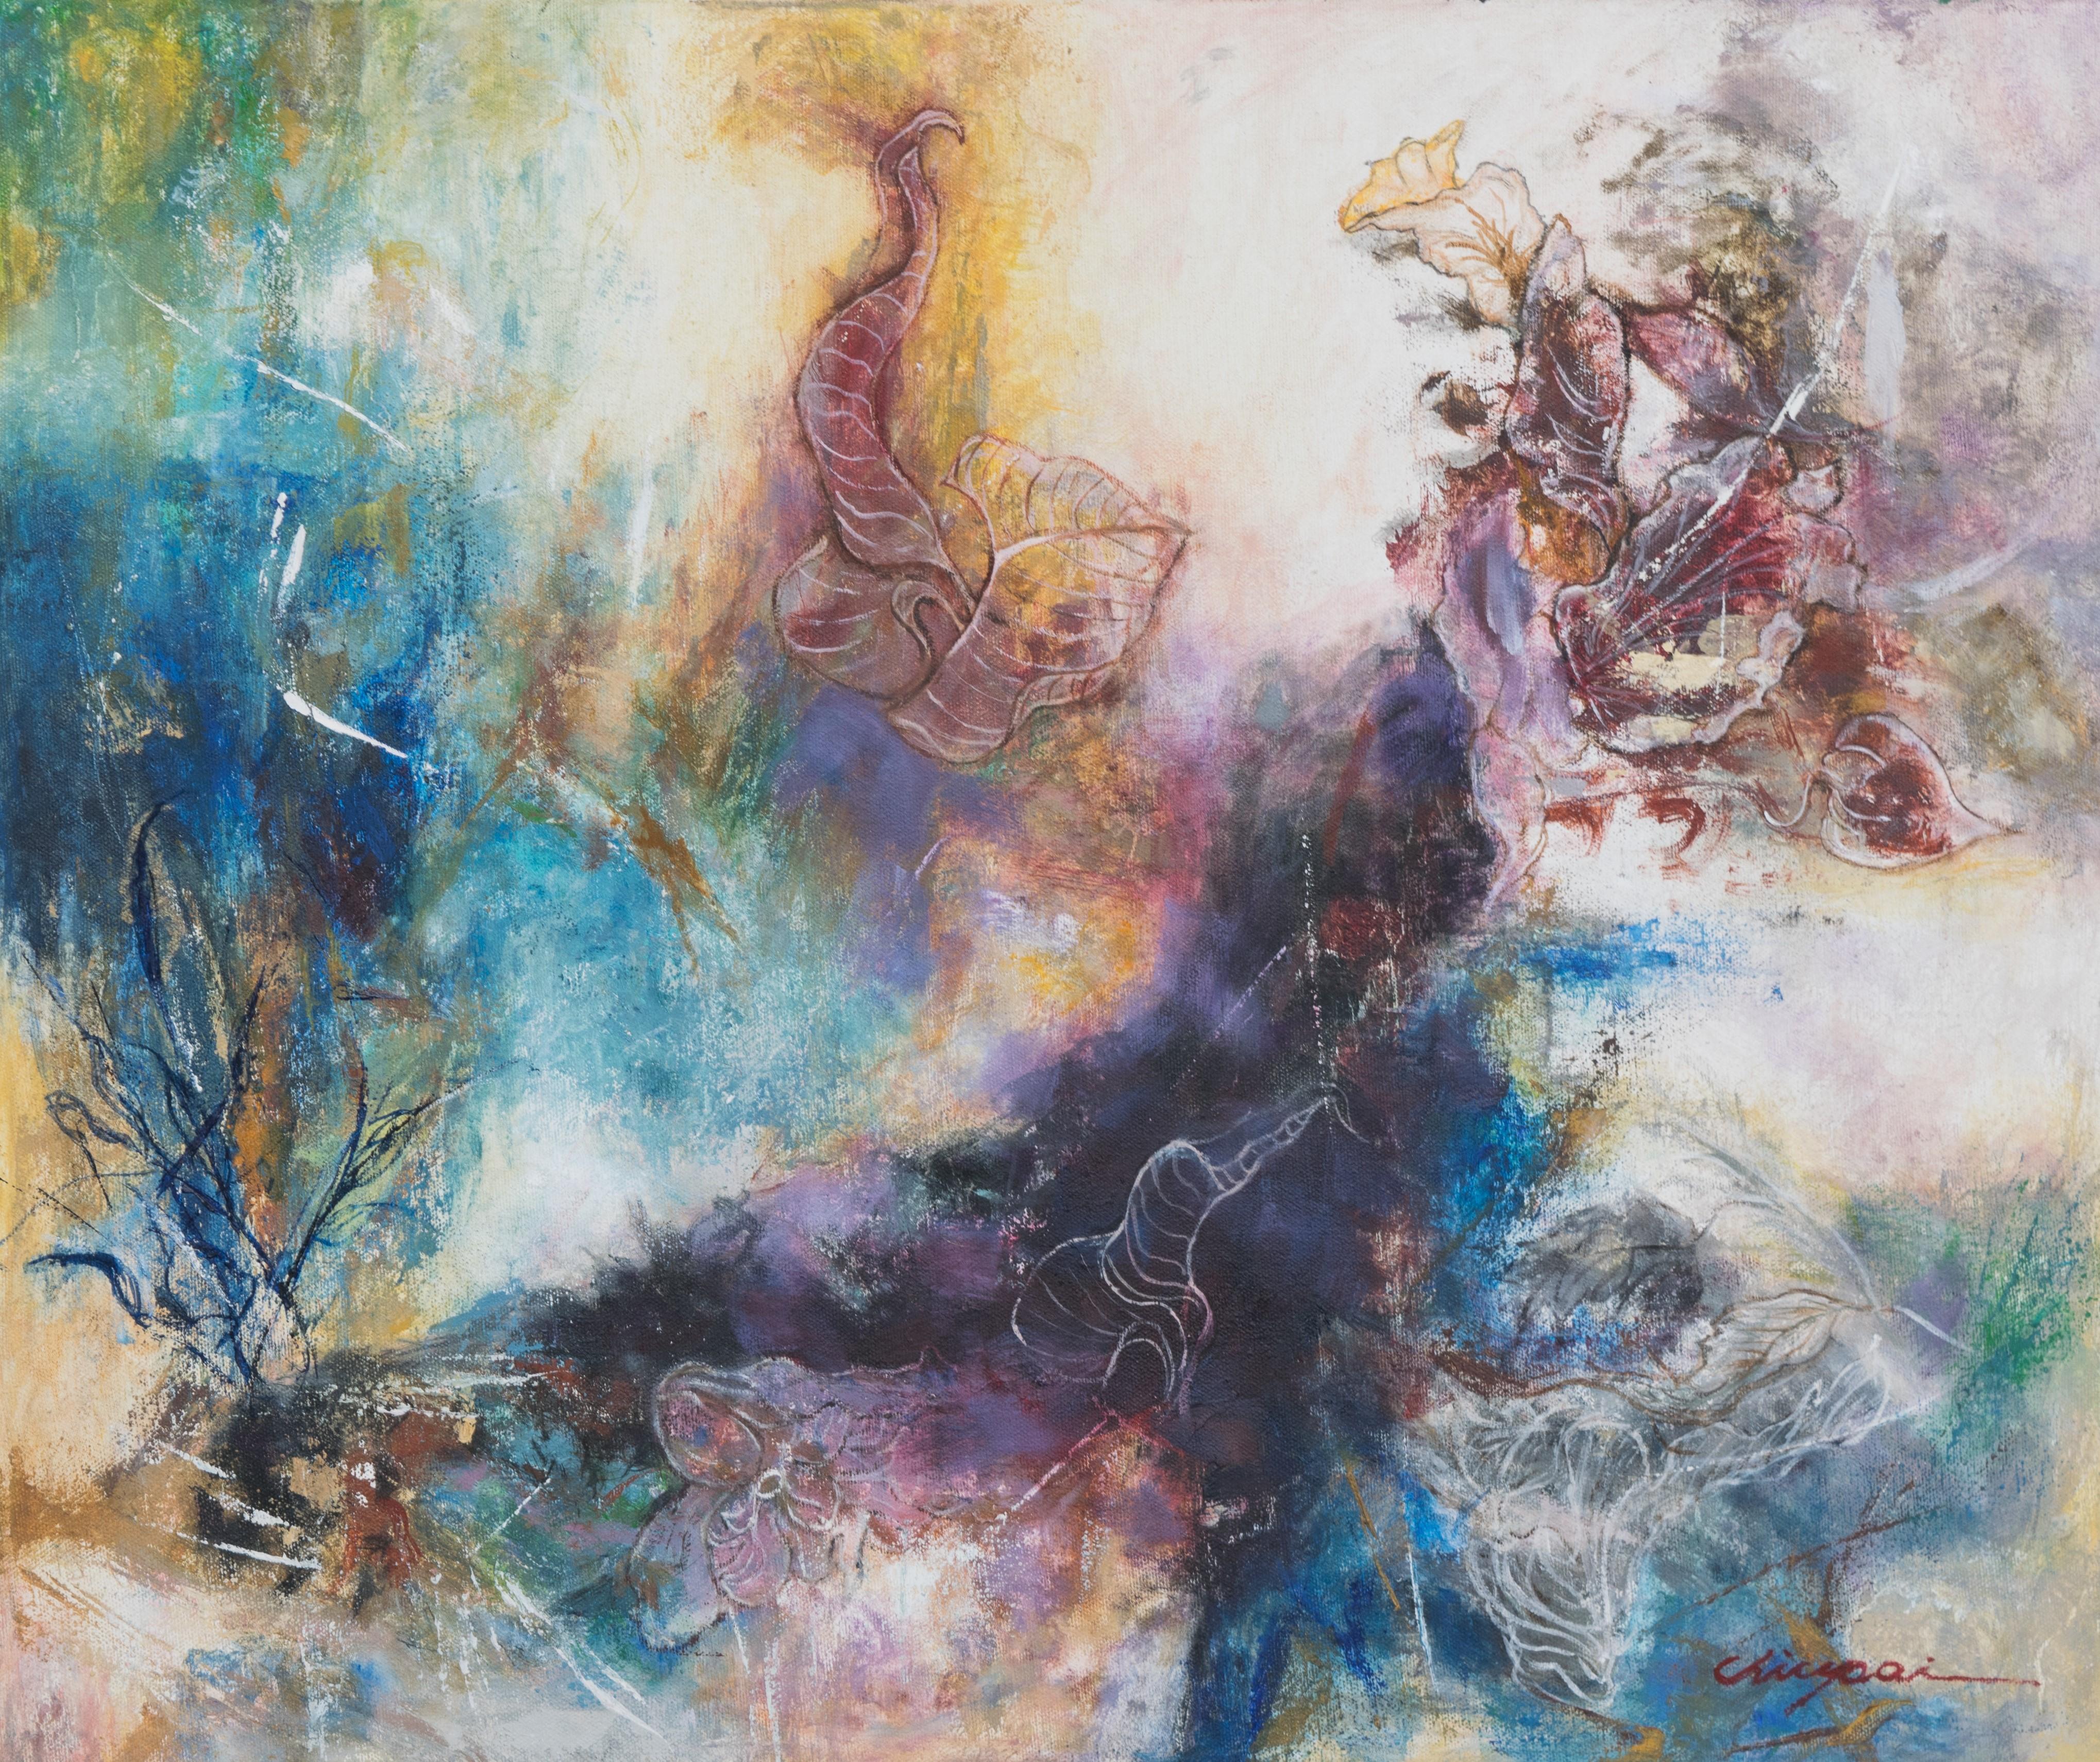 March Online Auction: Chiu Pai's Amorphous Explorations